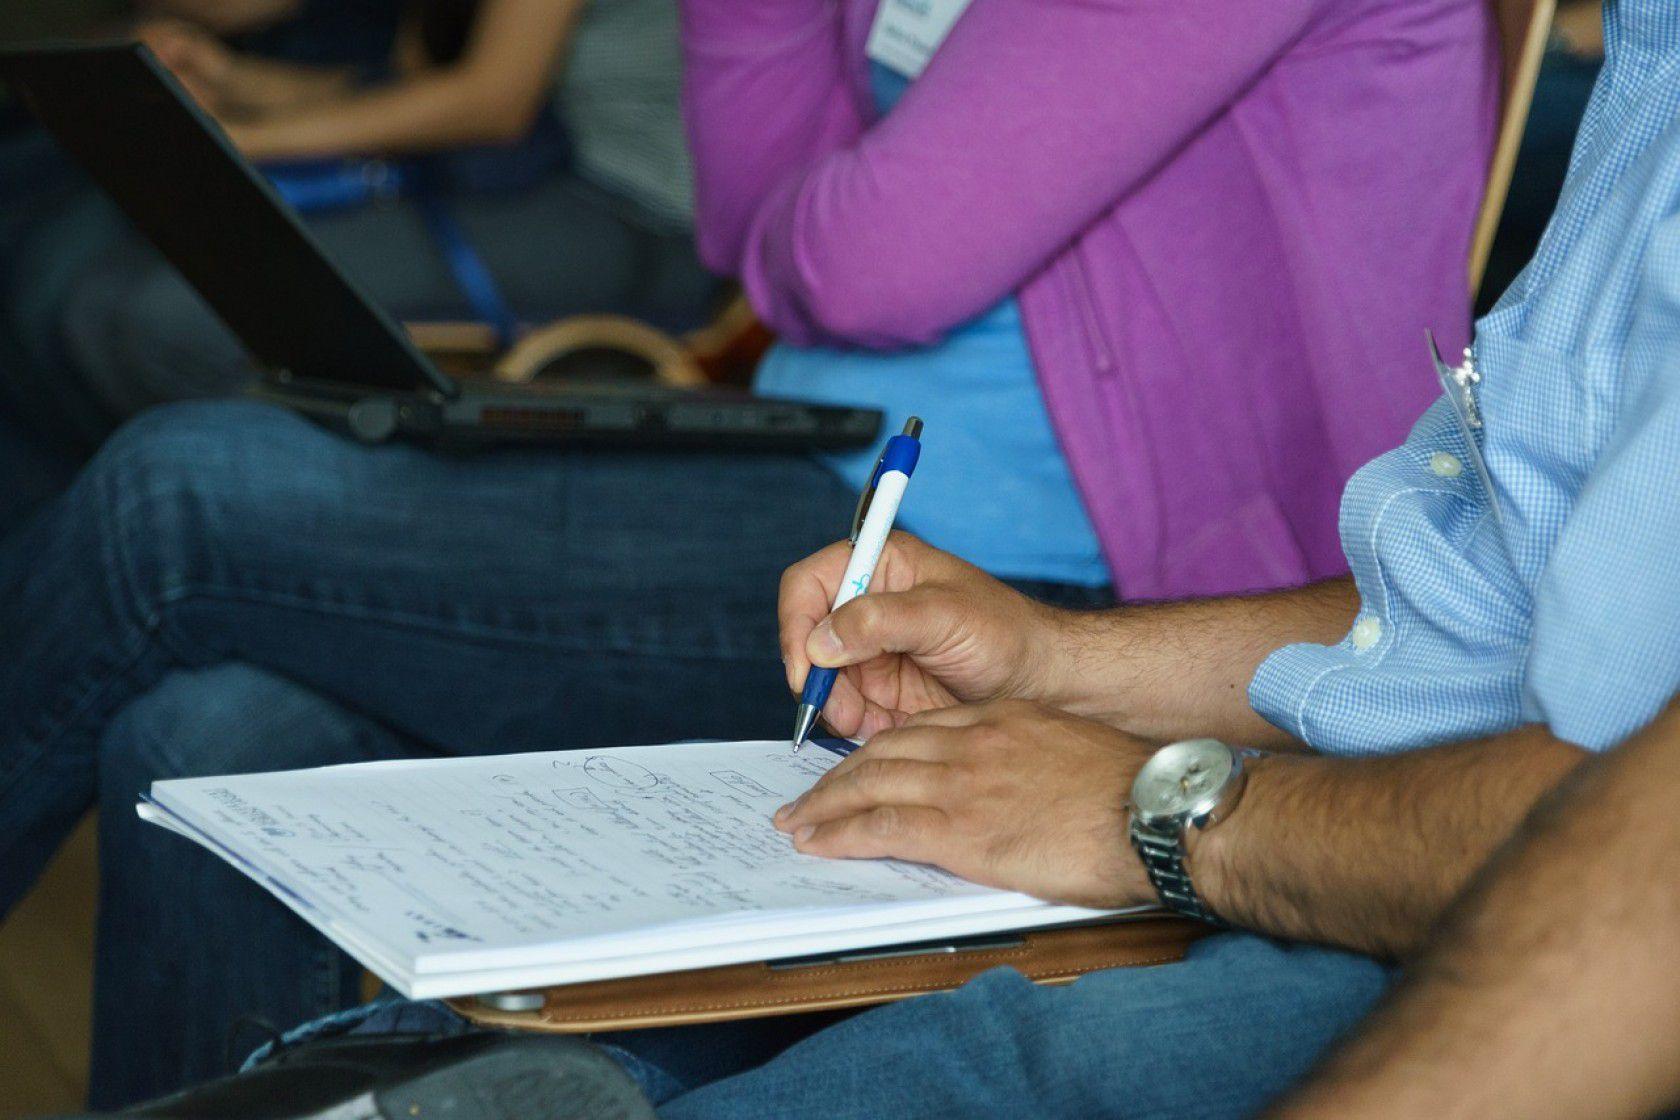 Kanada Lise Eğitim Programları Hakkında Eğitimci Görüşleri Nelerdir?